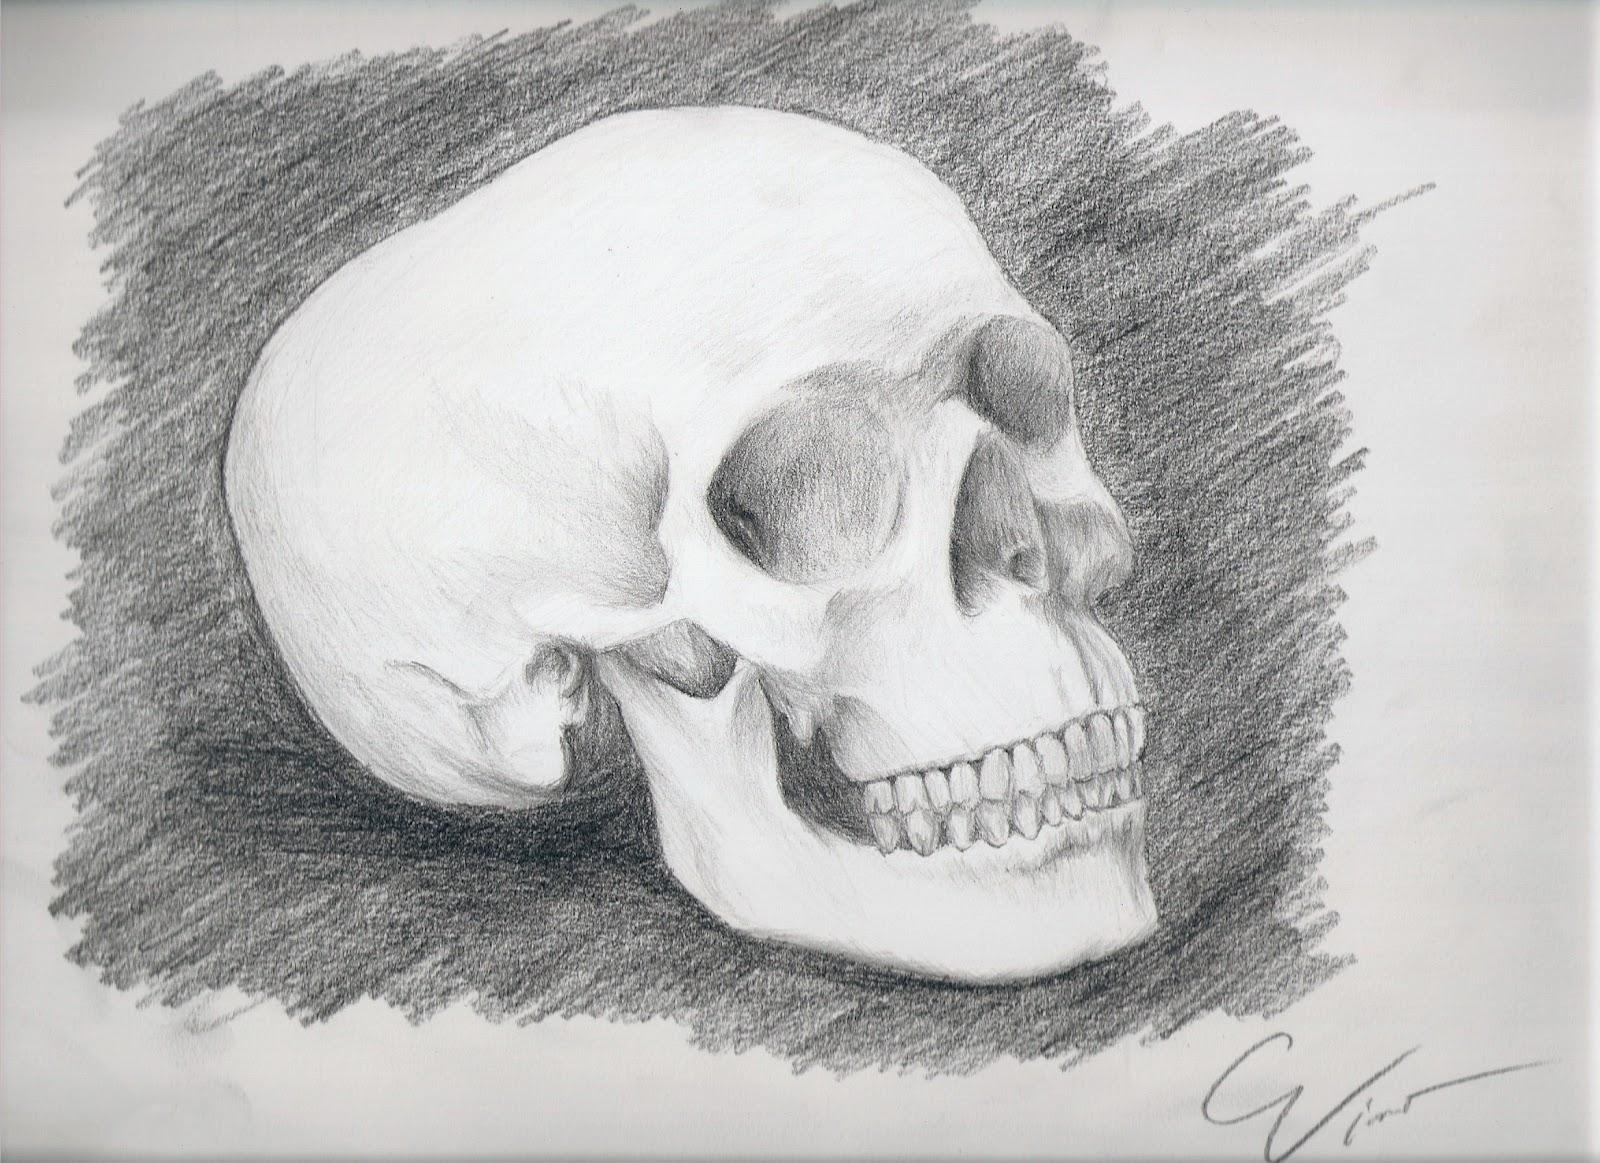 CARLOS VIANO Dibujo y pintura